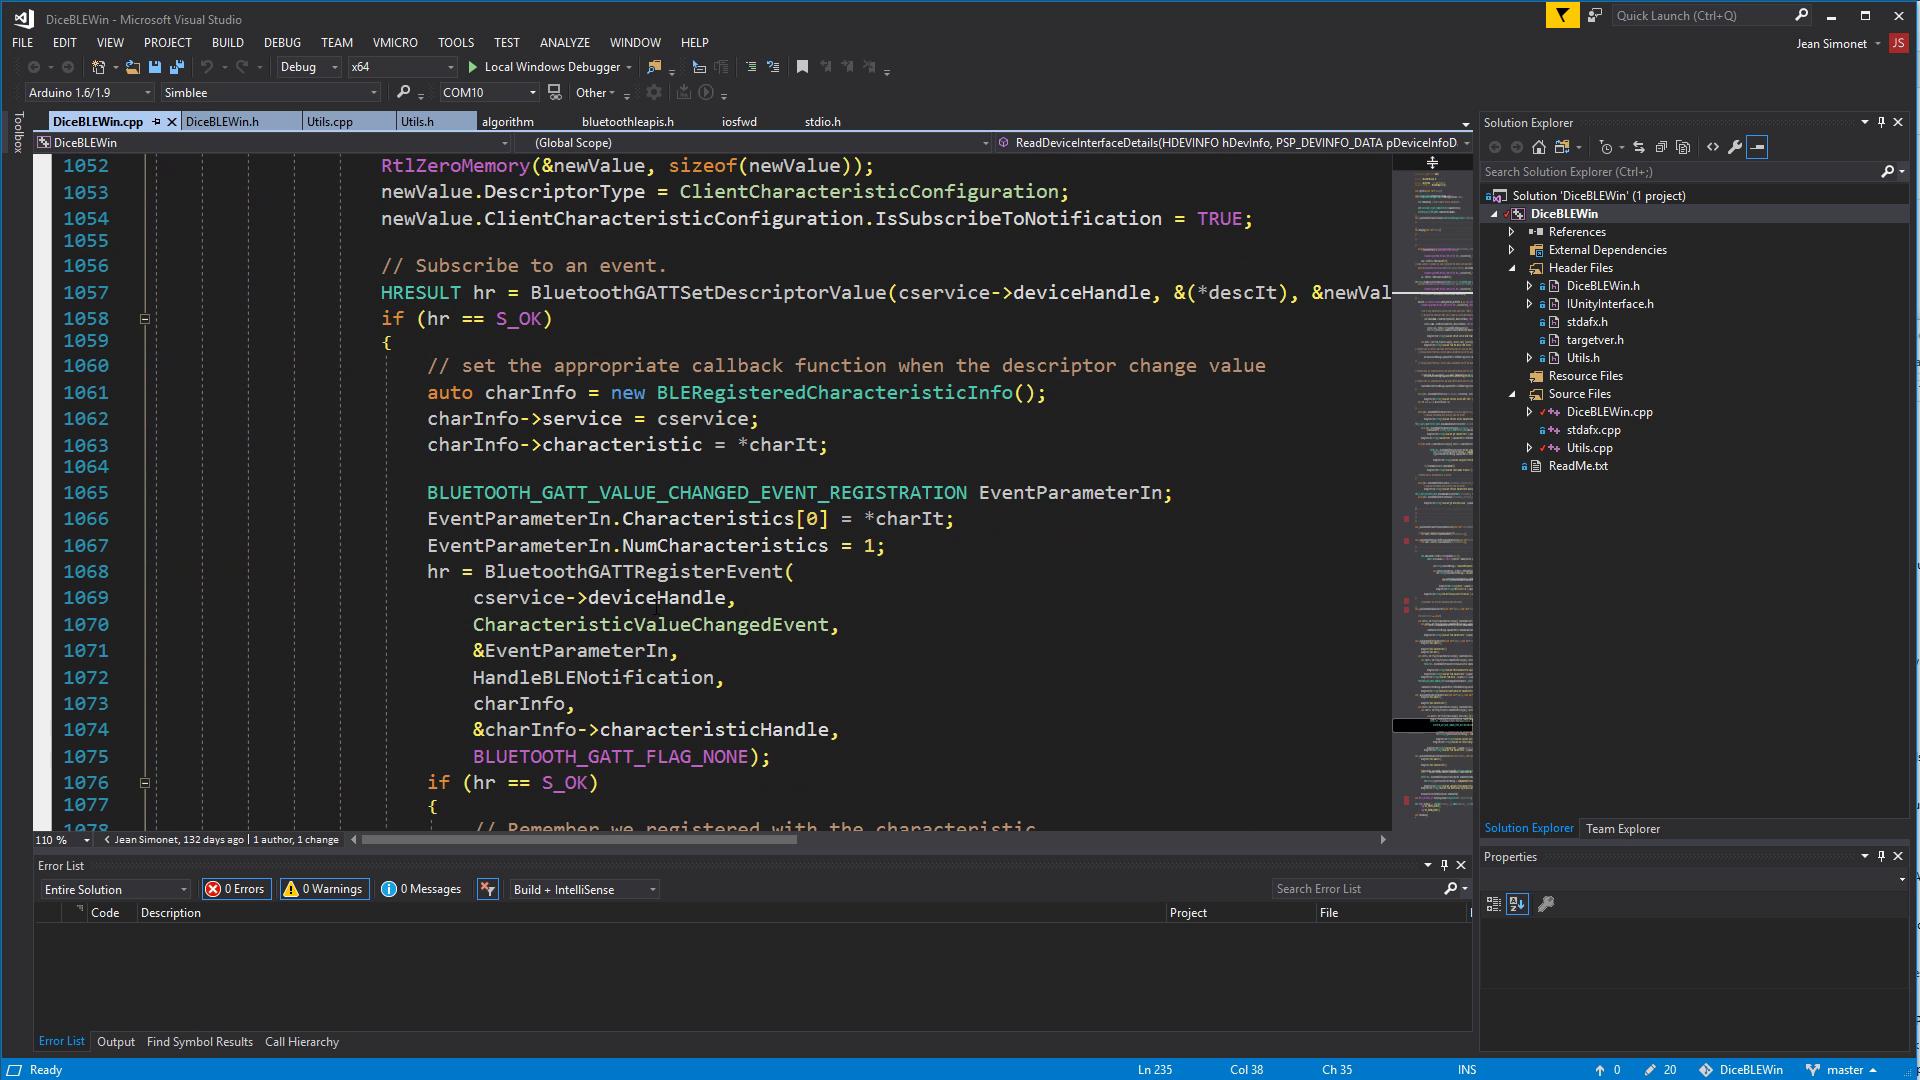 Yum... Win32 APIs...